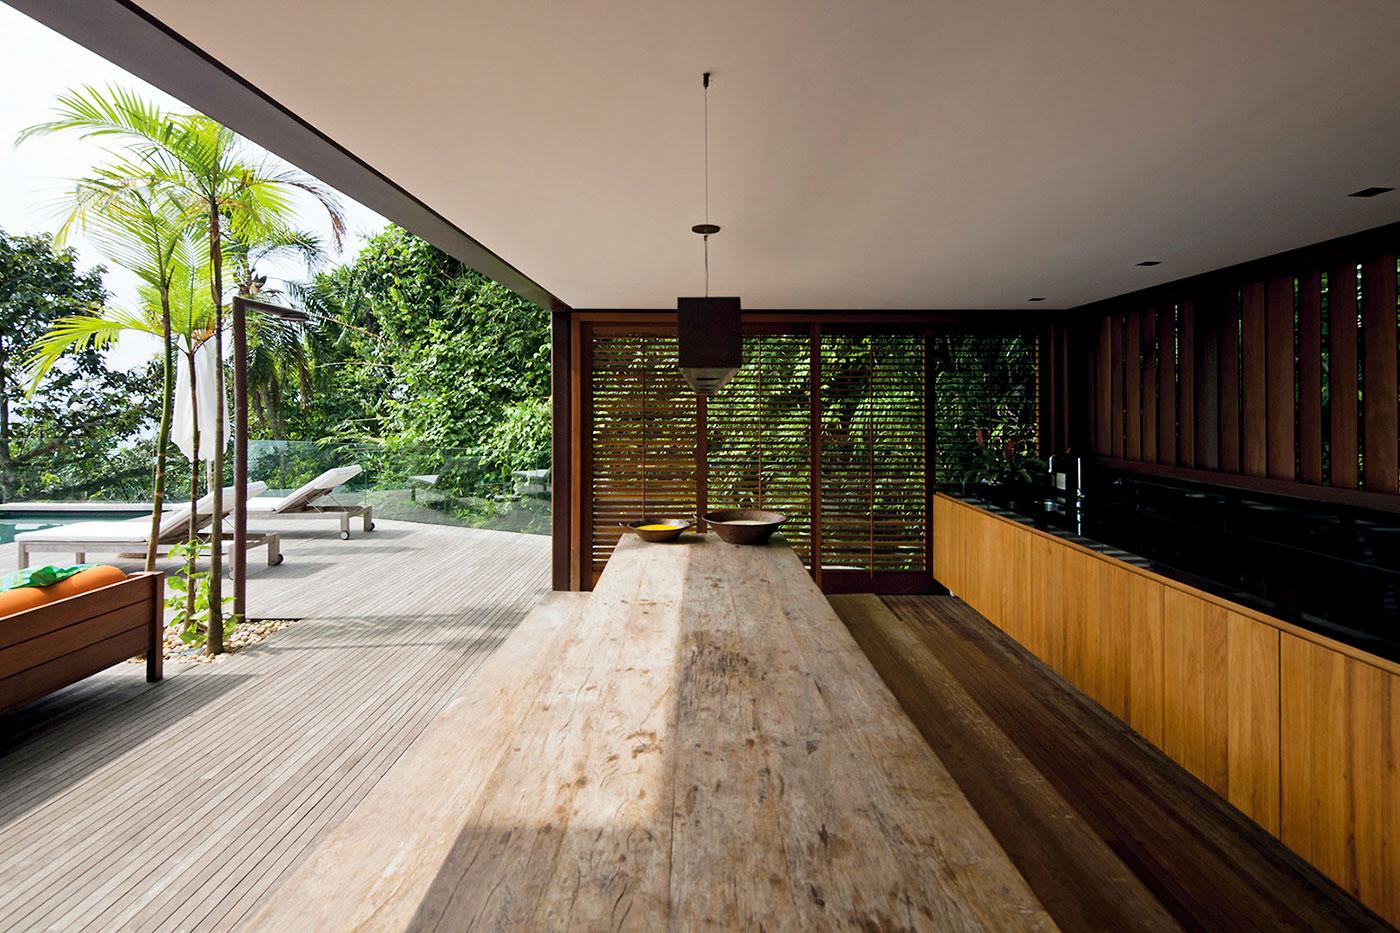 Cozinha em área externa com bancada de madeira, brises e mesa rústica extensa